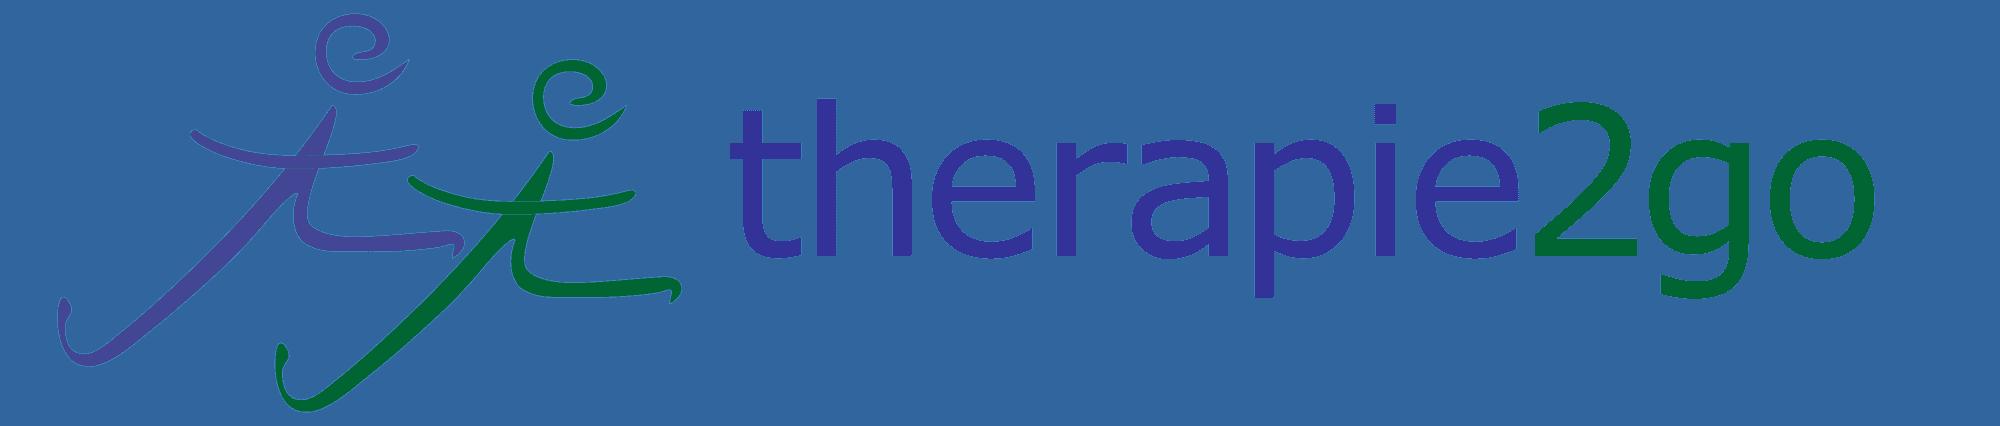 therapie2go